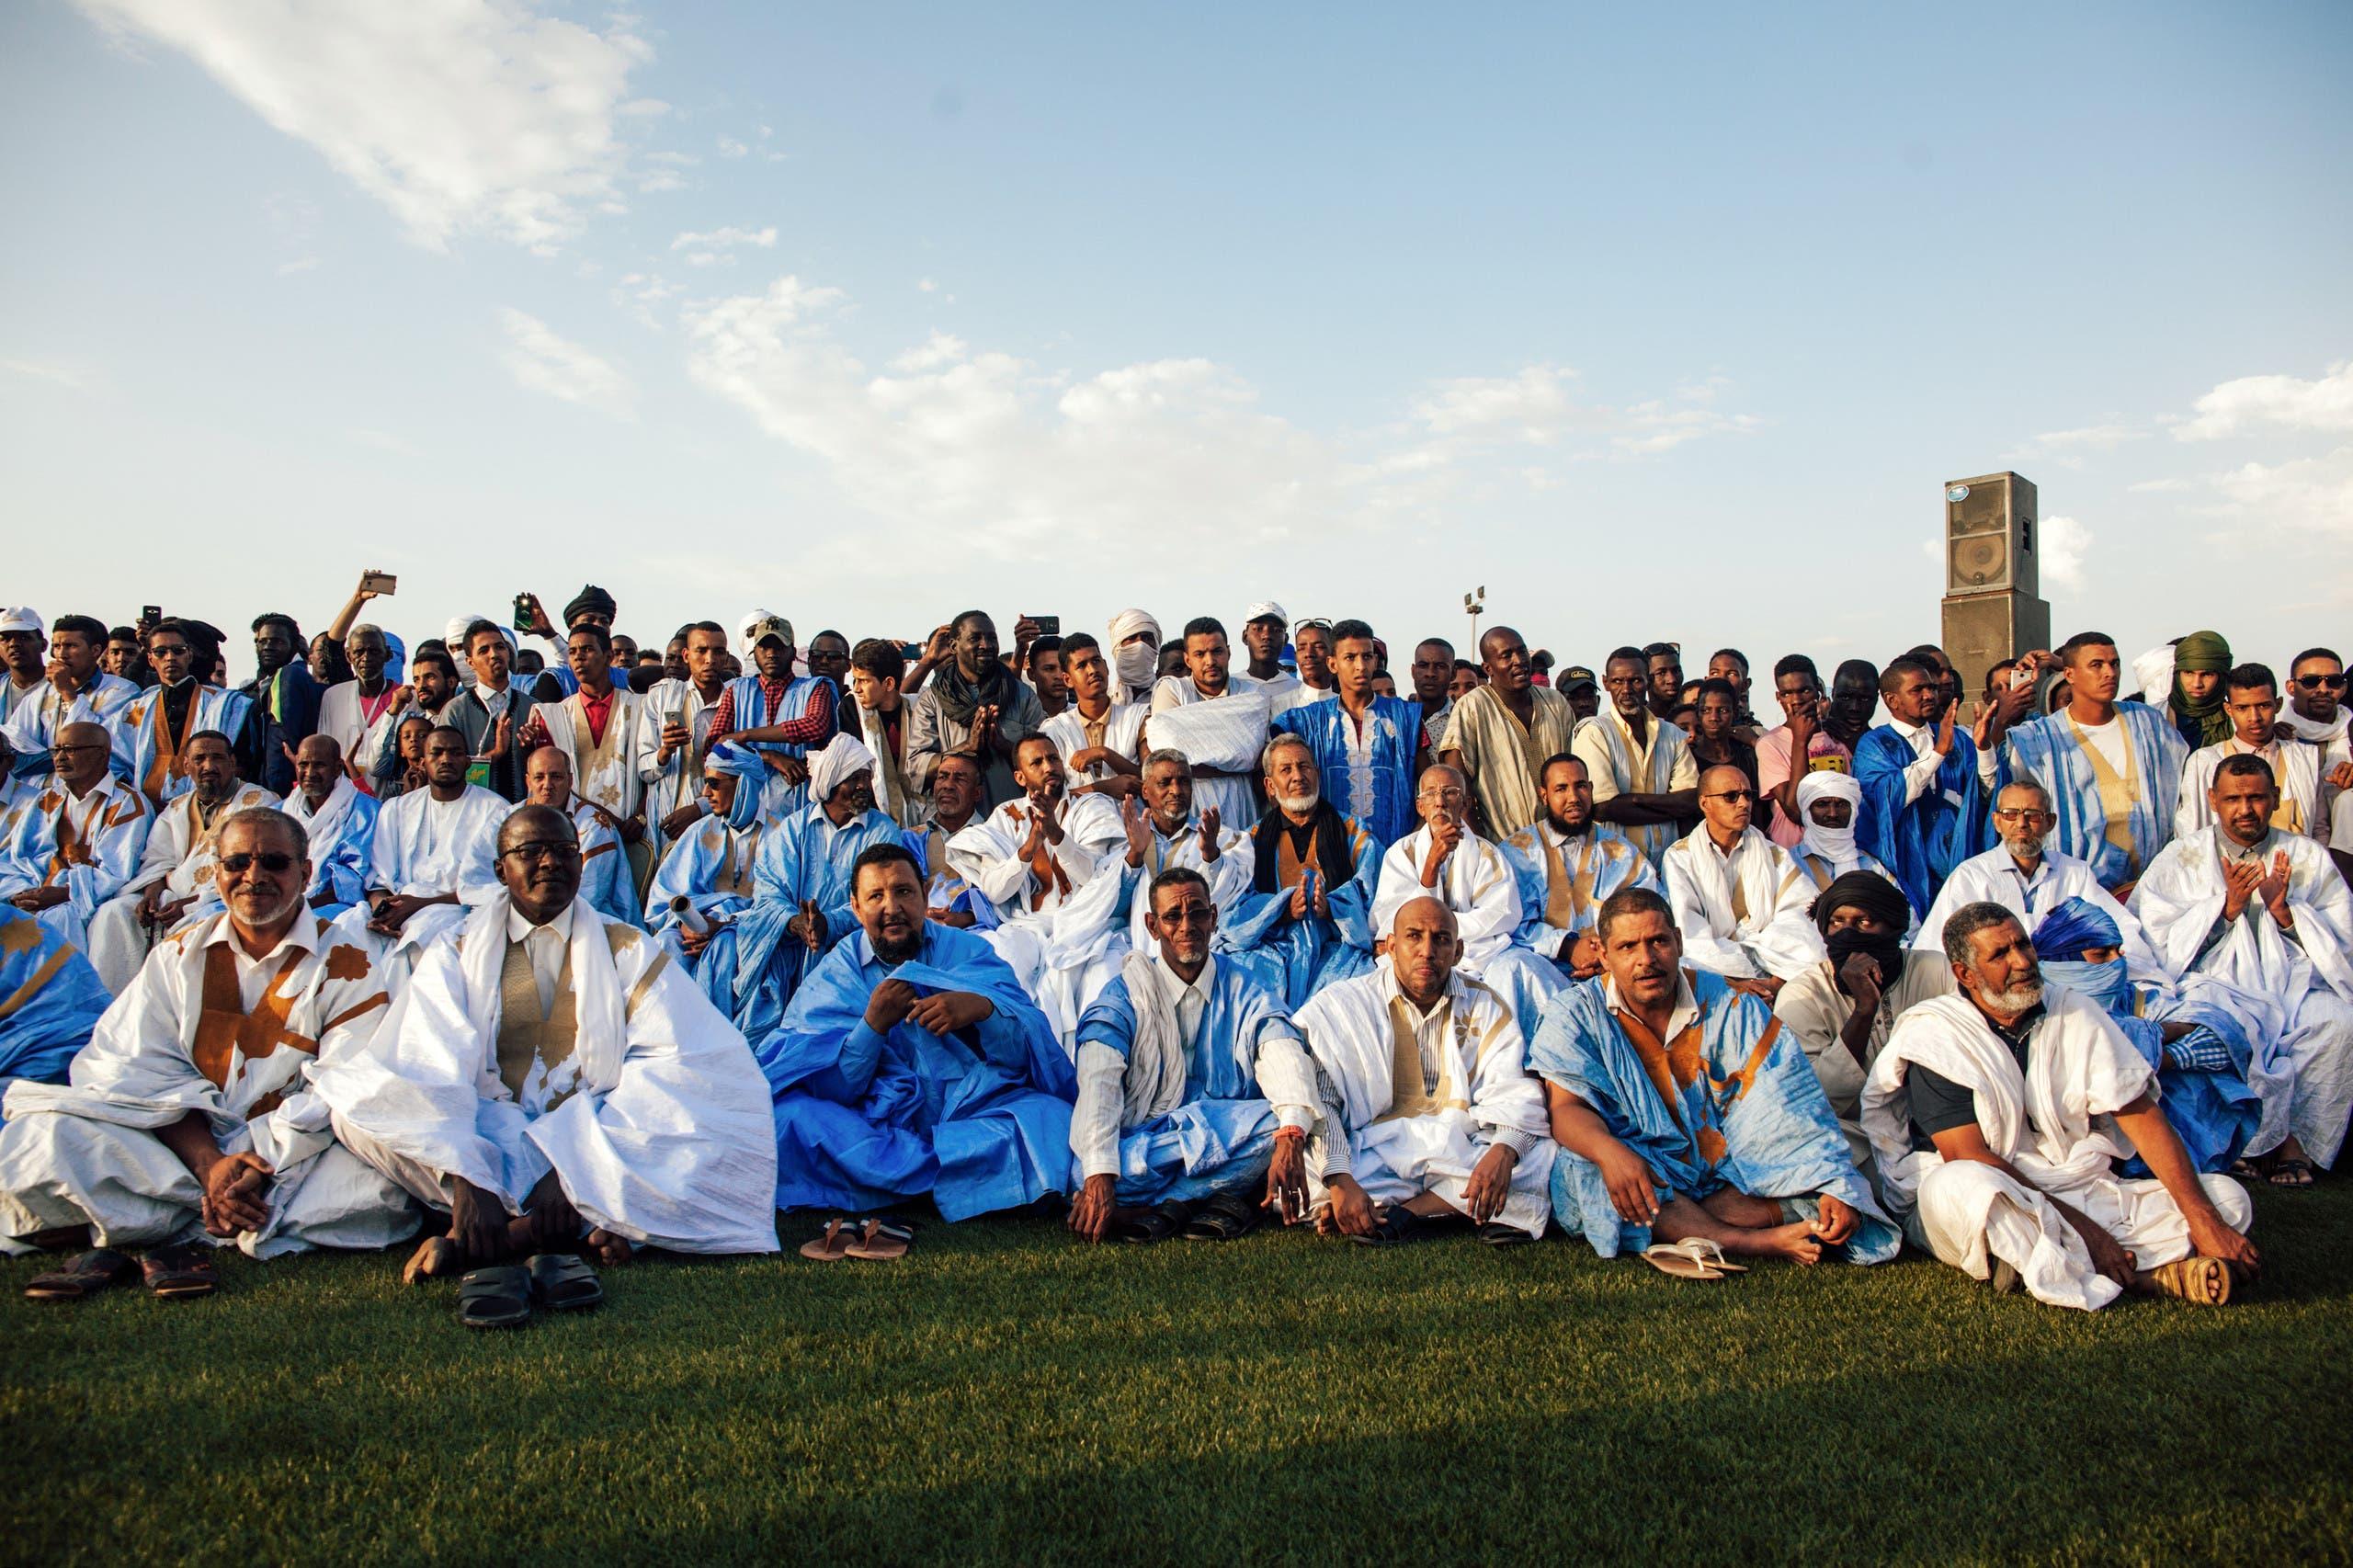 جانب من الحضور في حفل انتخابي بموريتانيا